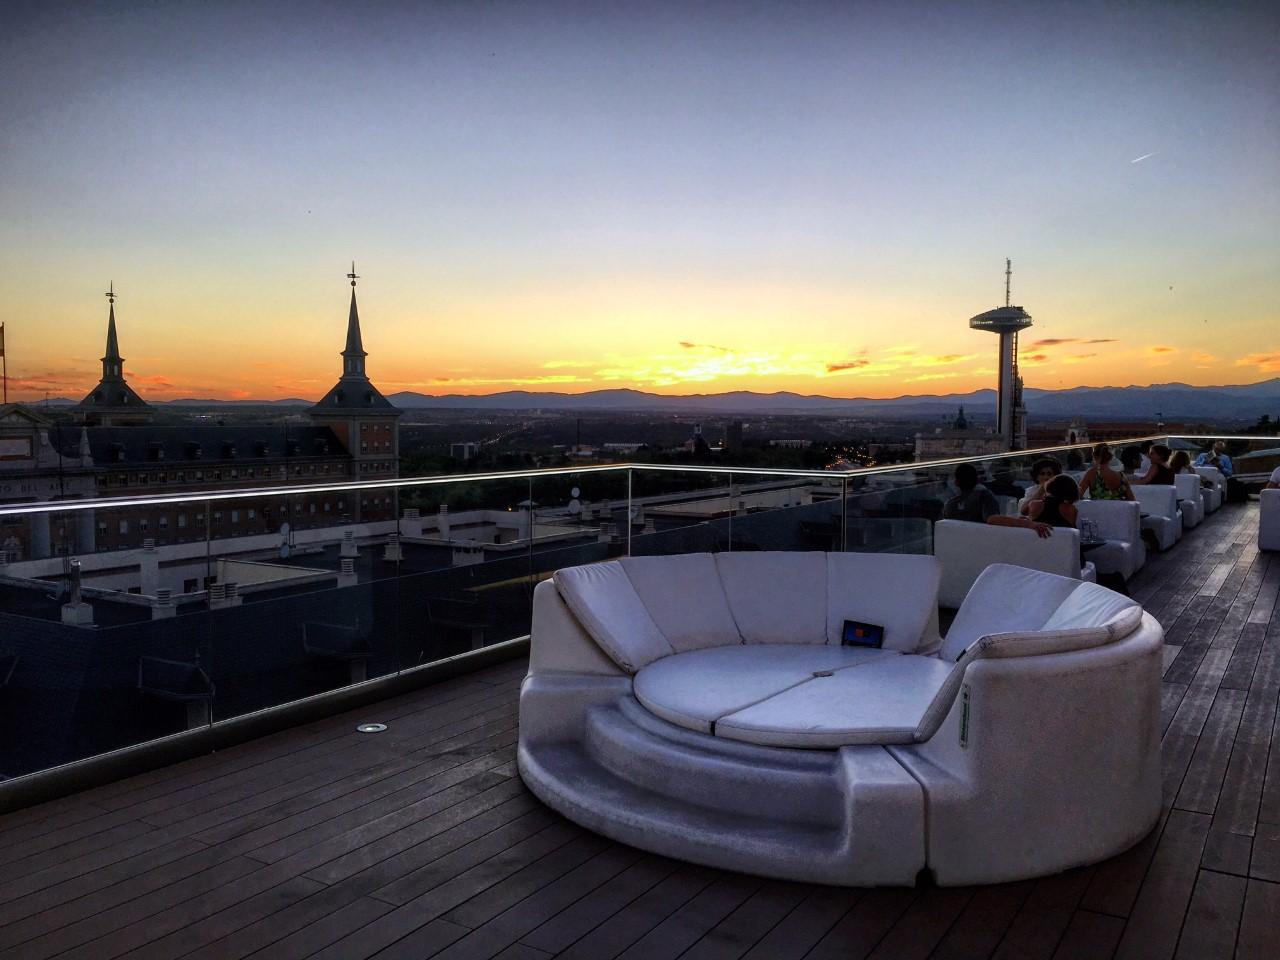 Hotel Exe Moncloa, azoteas en las terrazas de Madrid